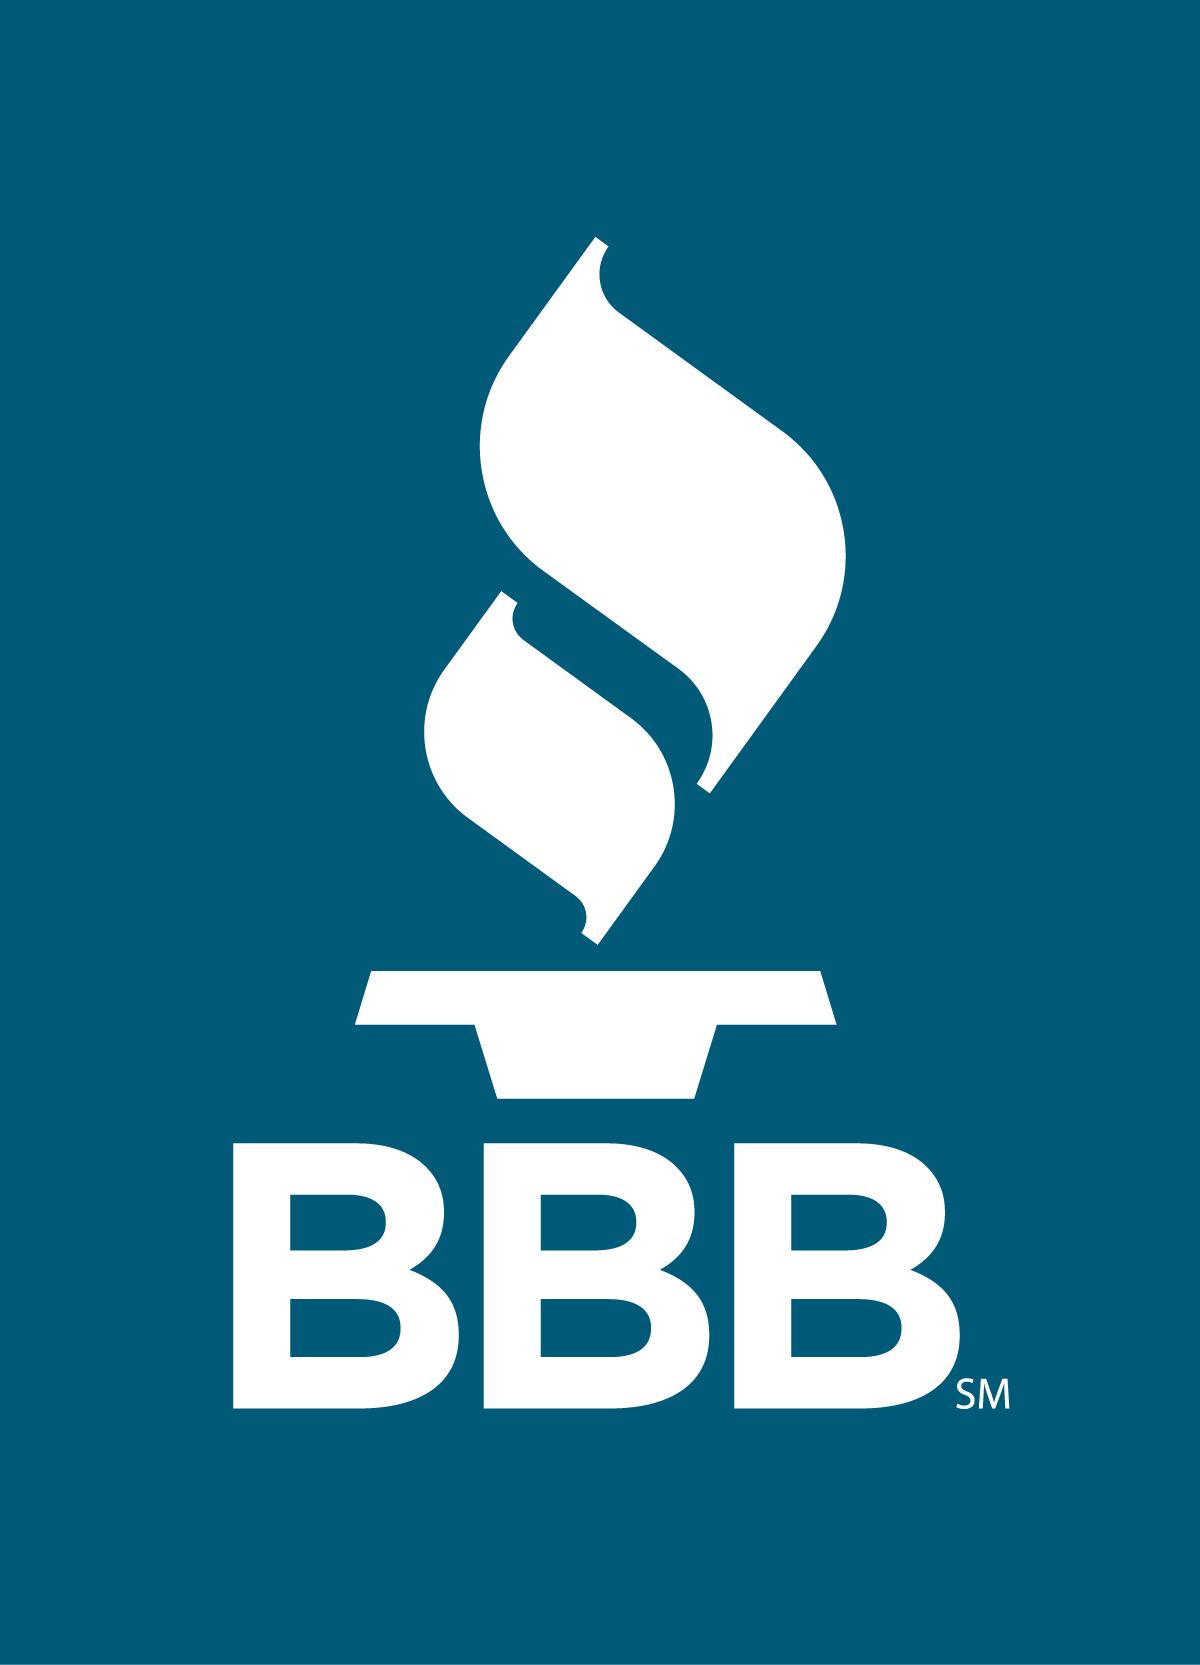 Bbb Logos.